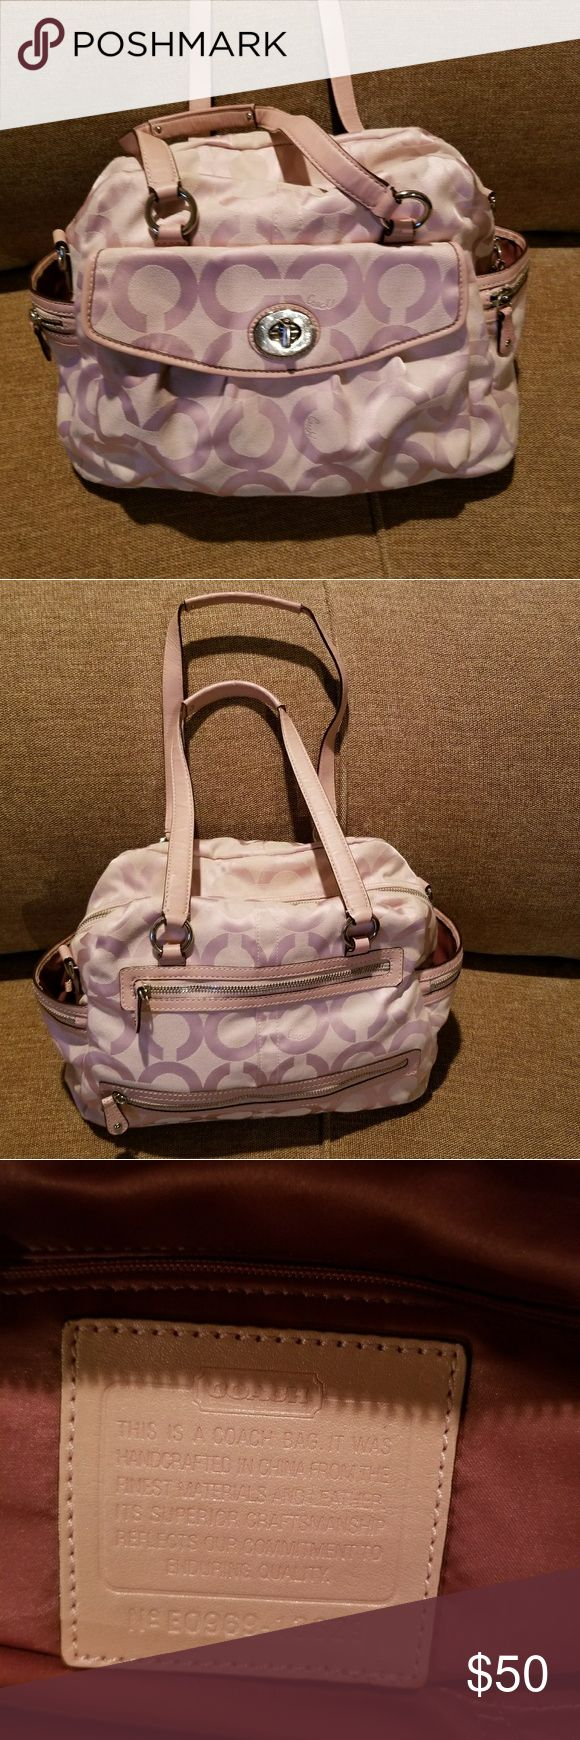 Coach Diaper bag/Tote Authentic Coach Diaper Tote Coach Other